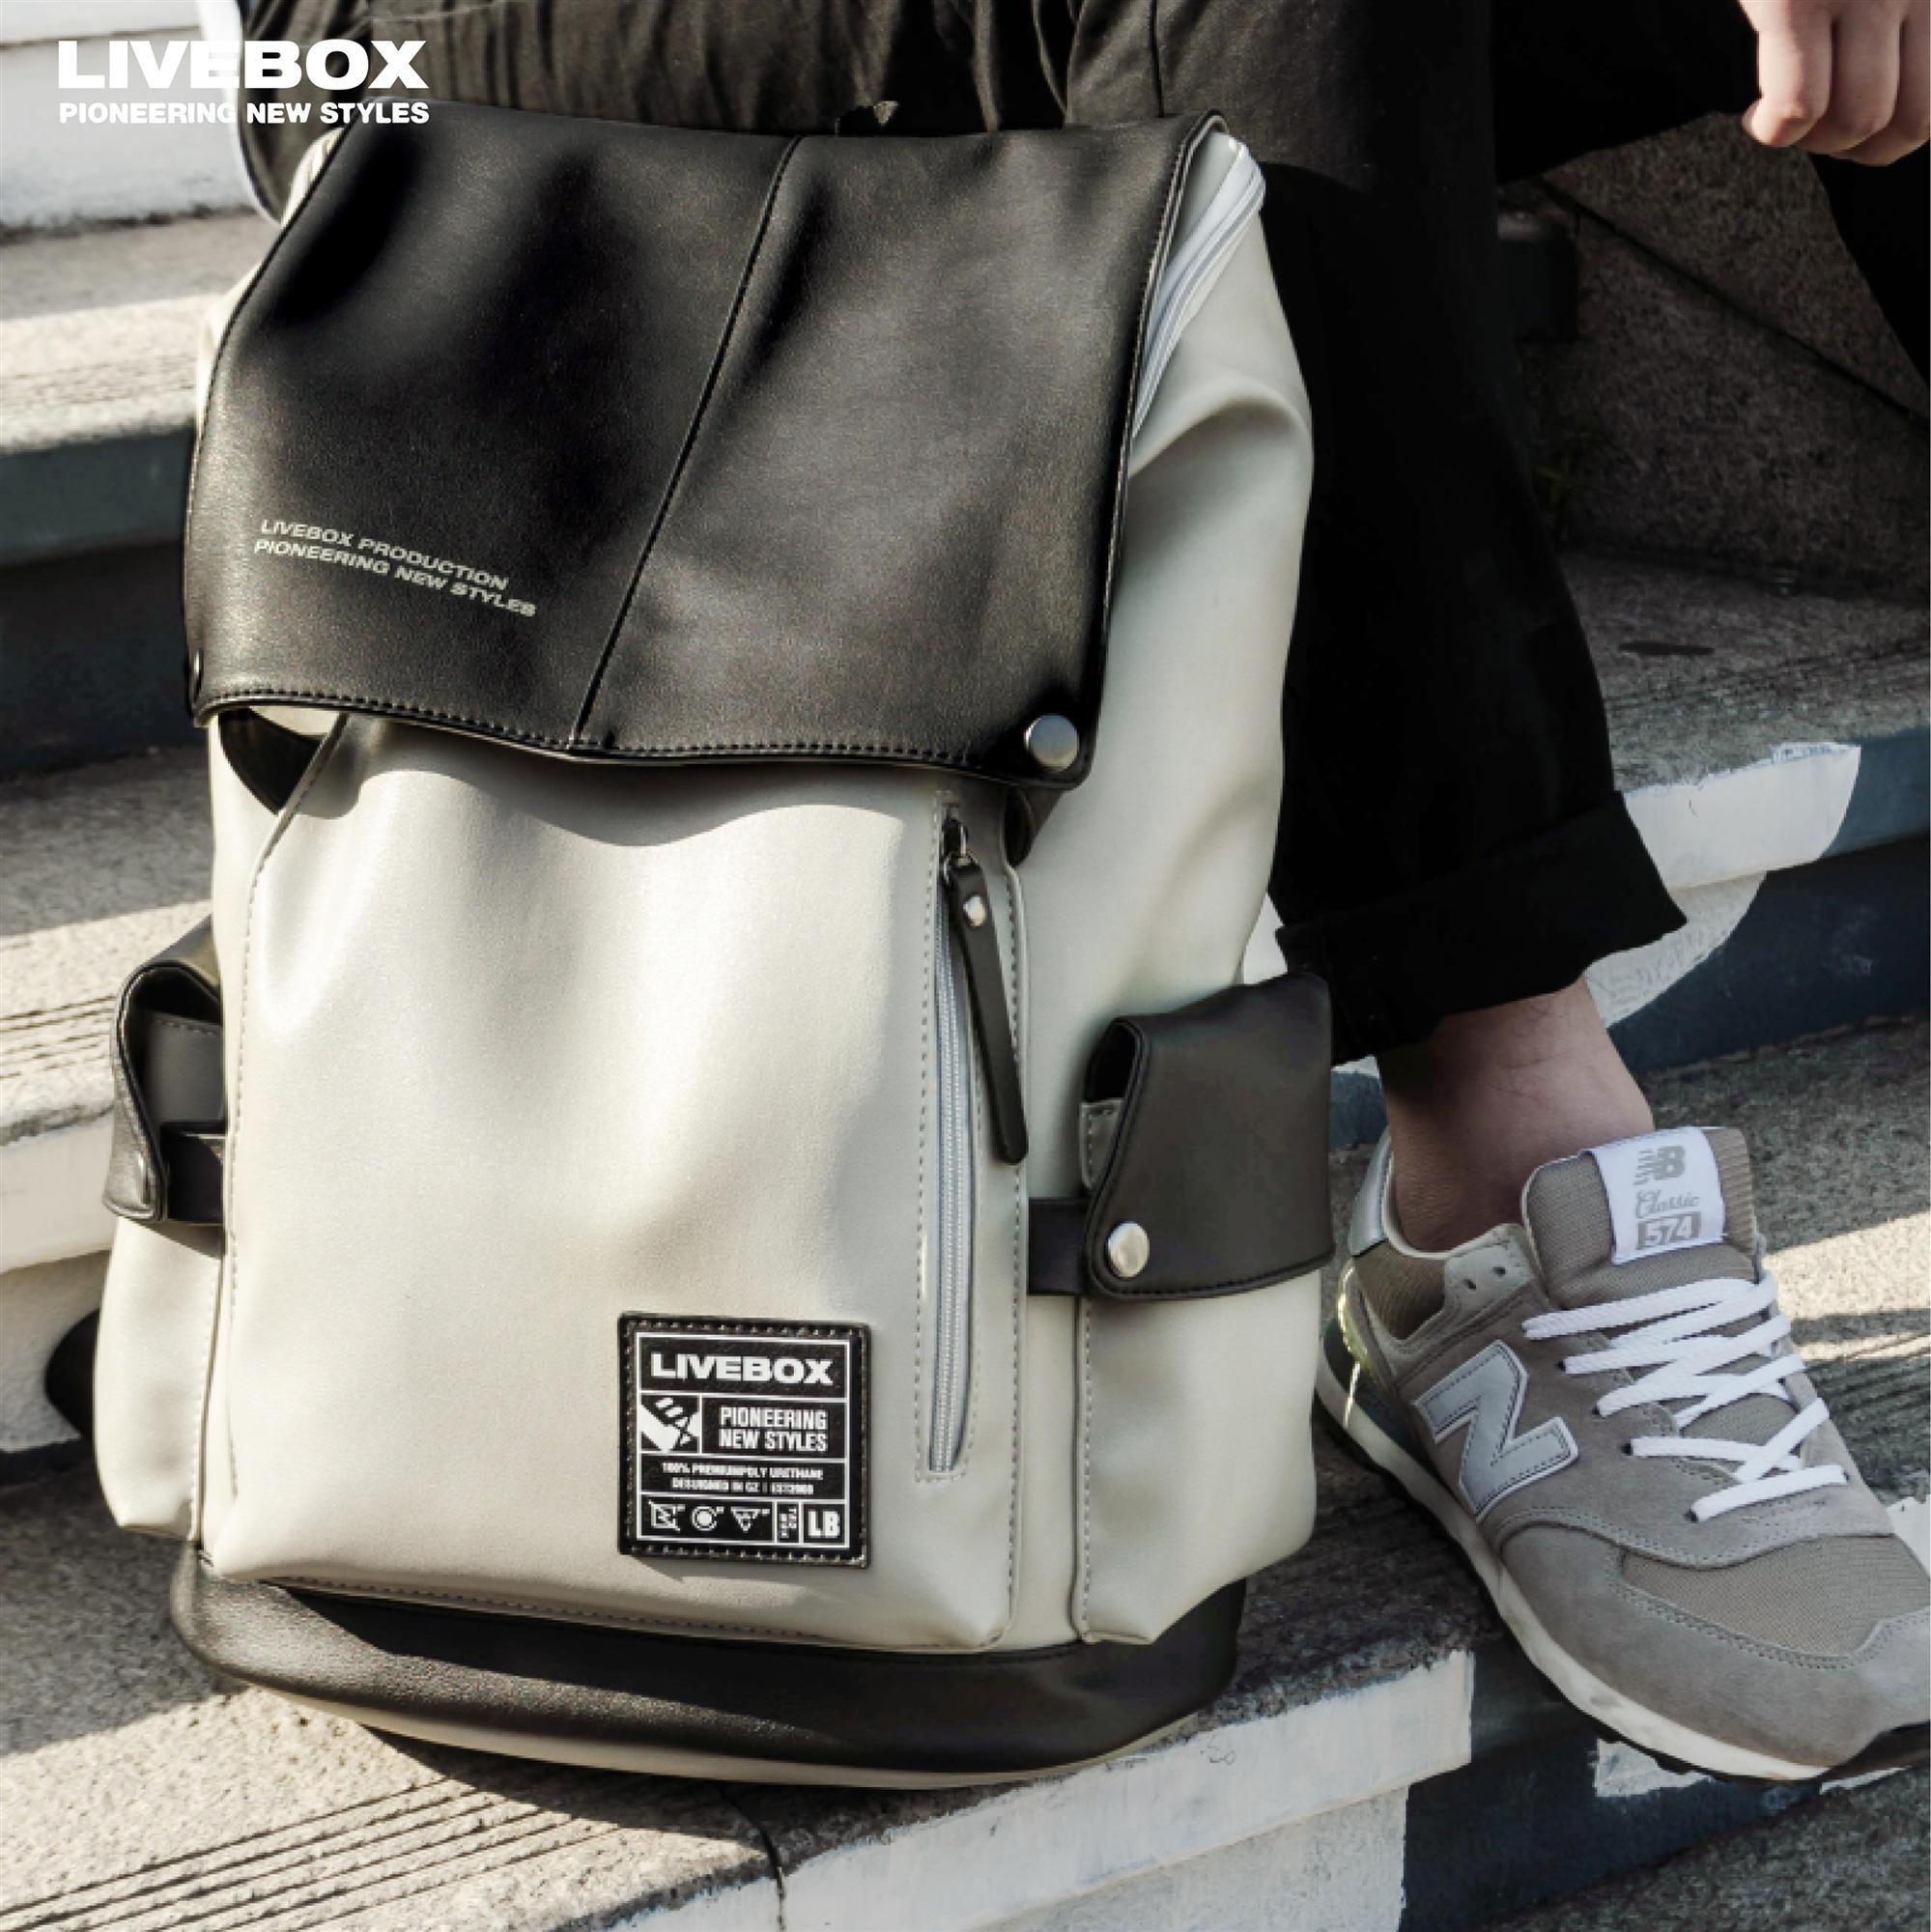 LIVEBOX 简约青年背包男士双肩包时尚潮流书包休闲大学生旅行韩版